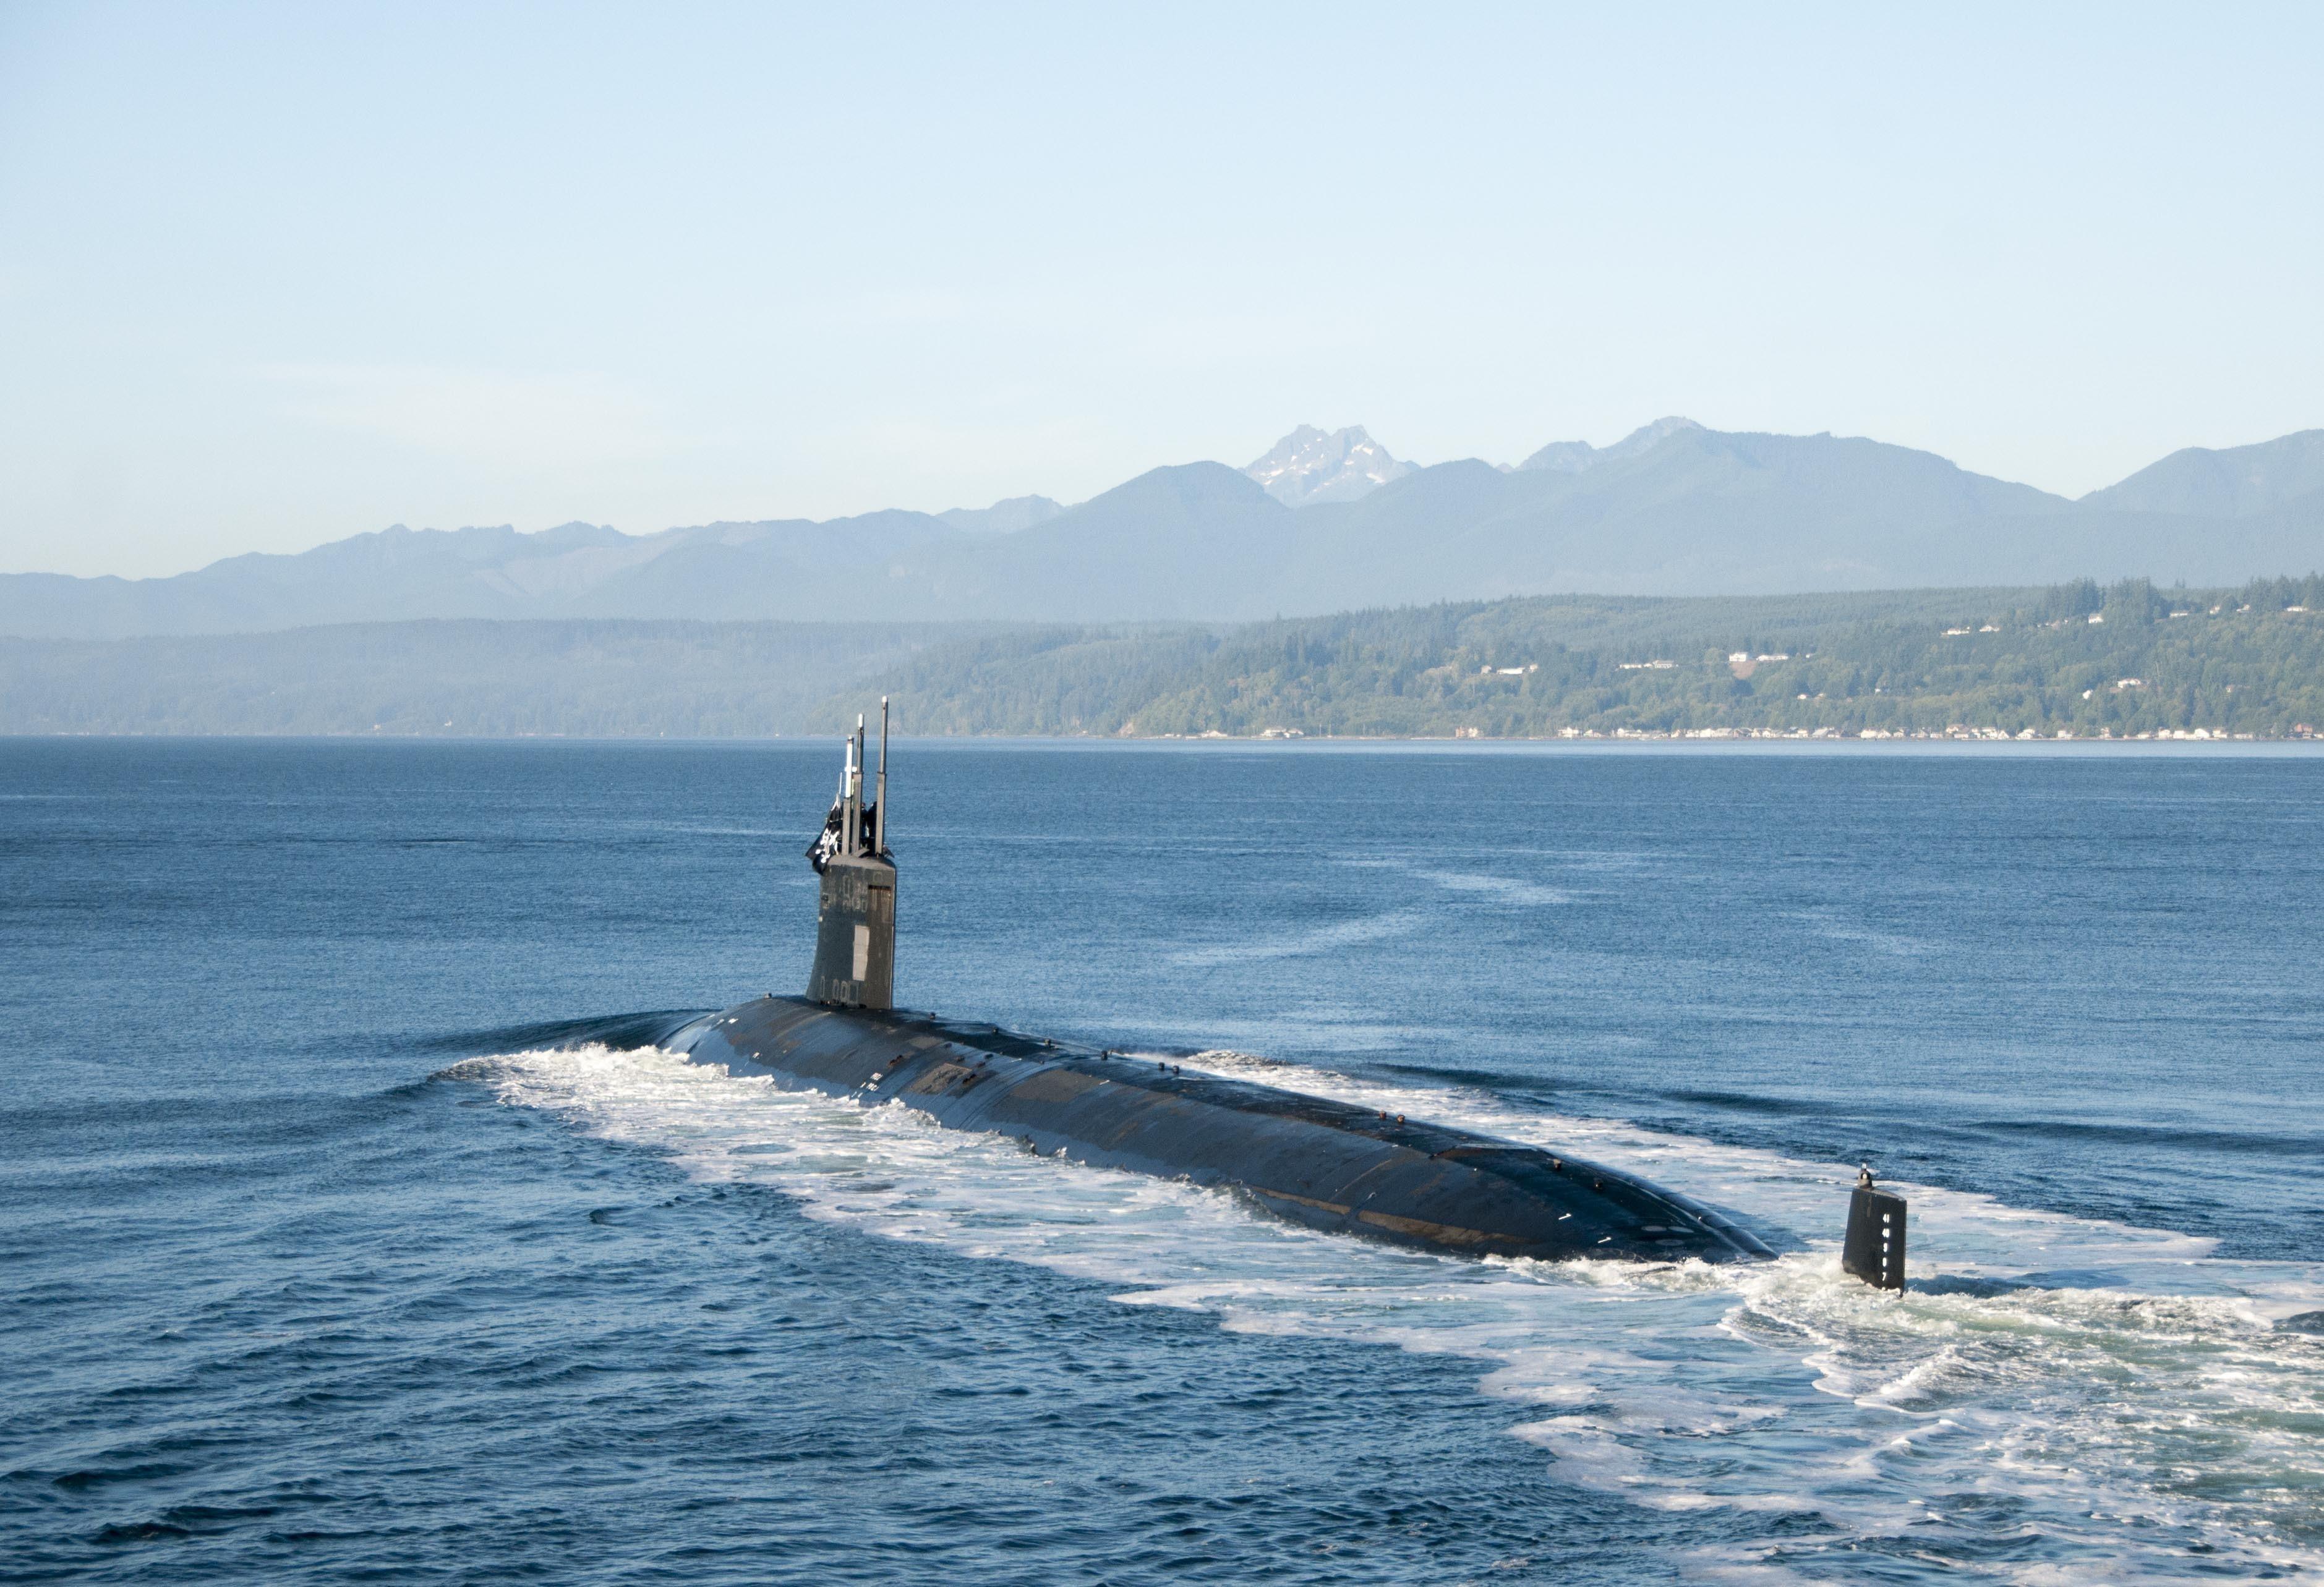 潛艦,身心健康,精神問題,抗壓力,水兵,解放軍,海軍,南海